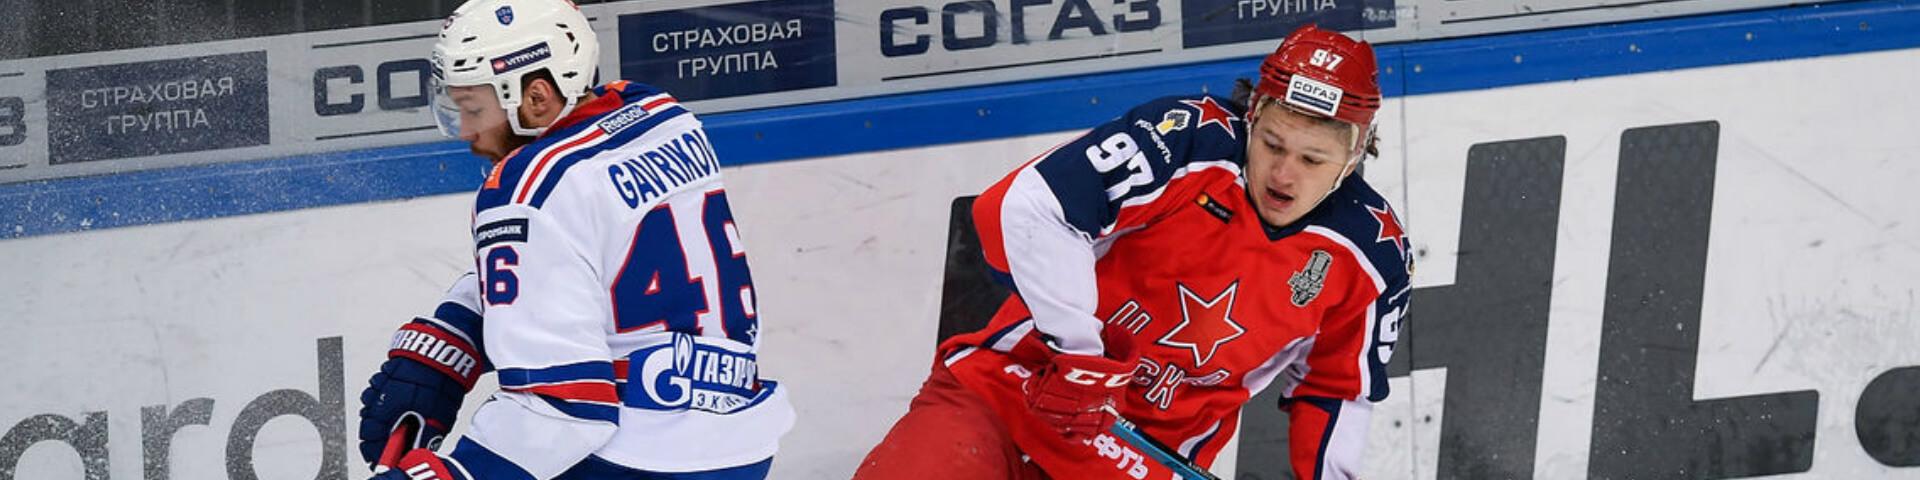 Беттор поставил 20 рублей, а выиграл более 180 000